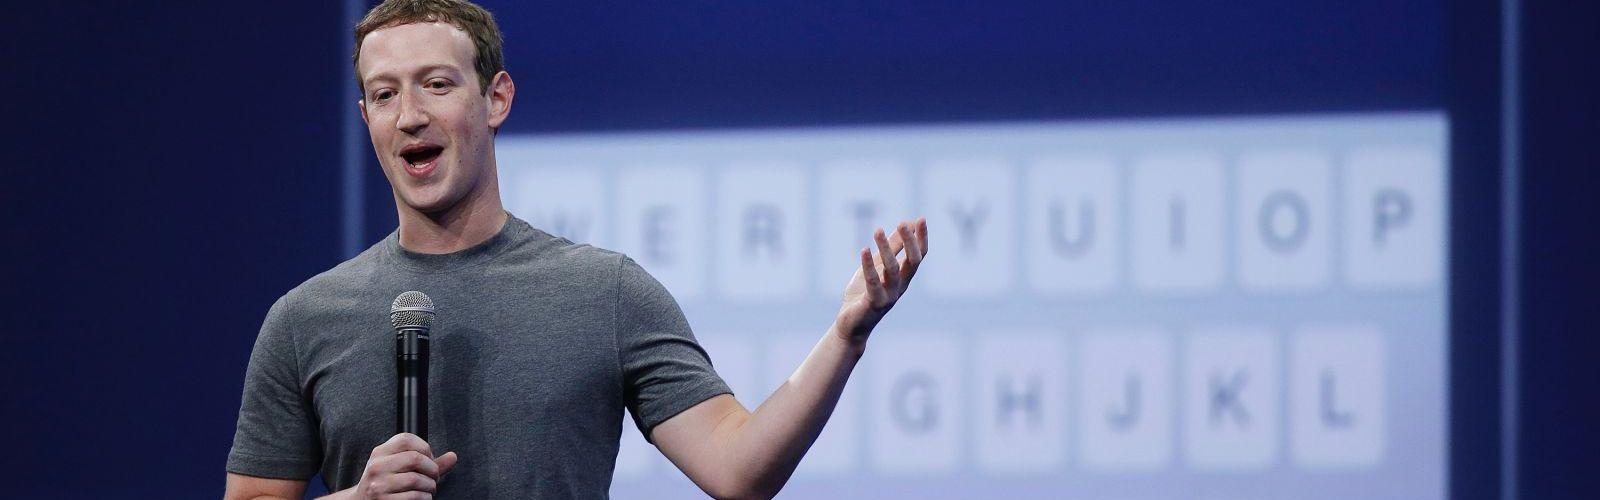 hidden messages in inbox facebook,